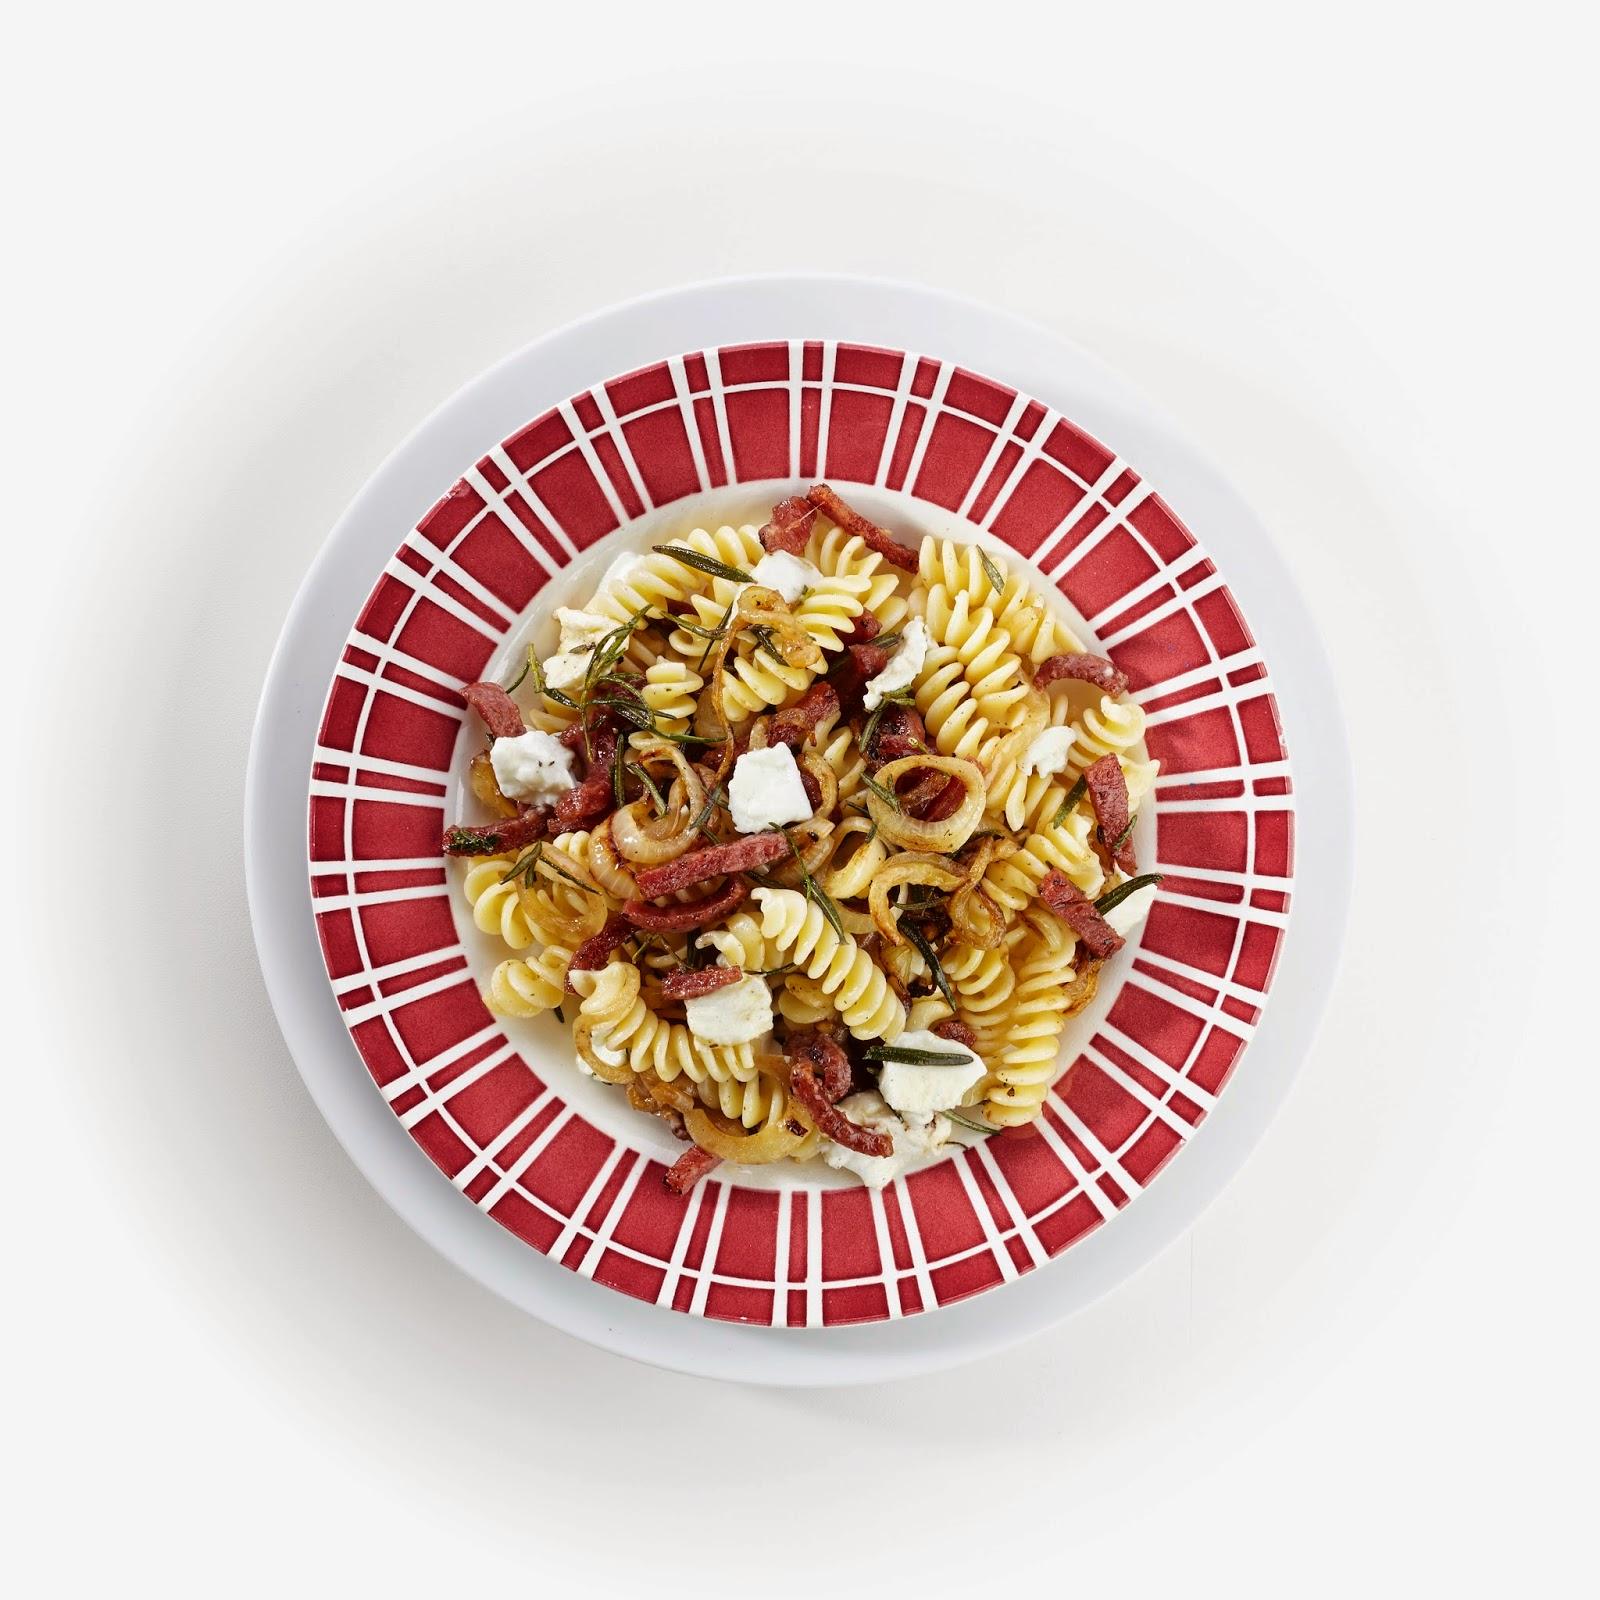 Fussili met salami en rozemarijn